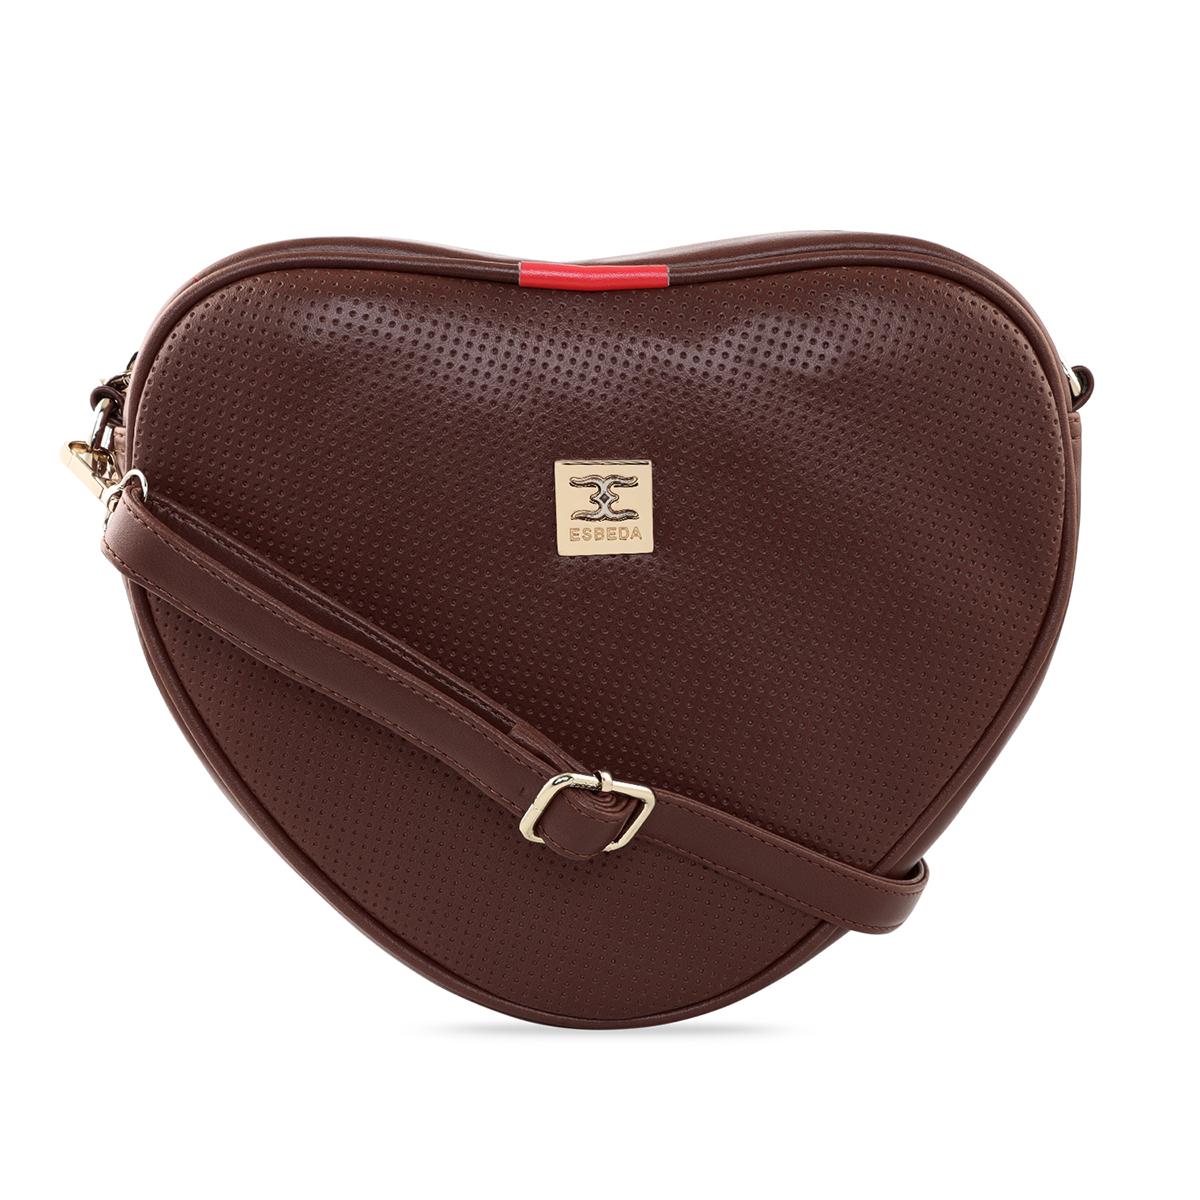 ESBEDA | ESBEDA Dark Brown Color Heart Shape Sling Bag For Women